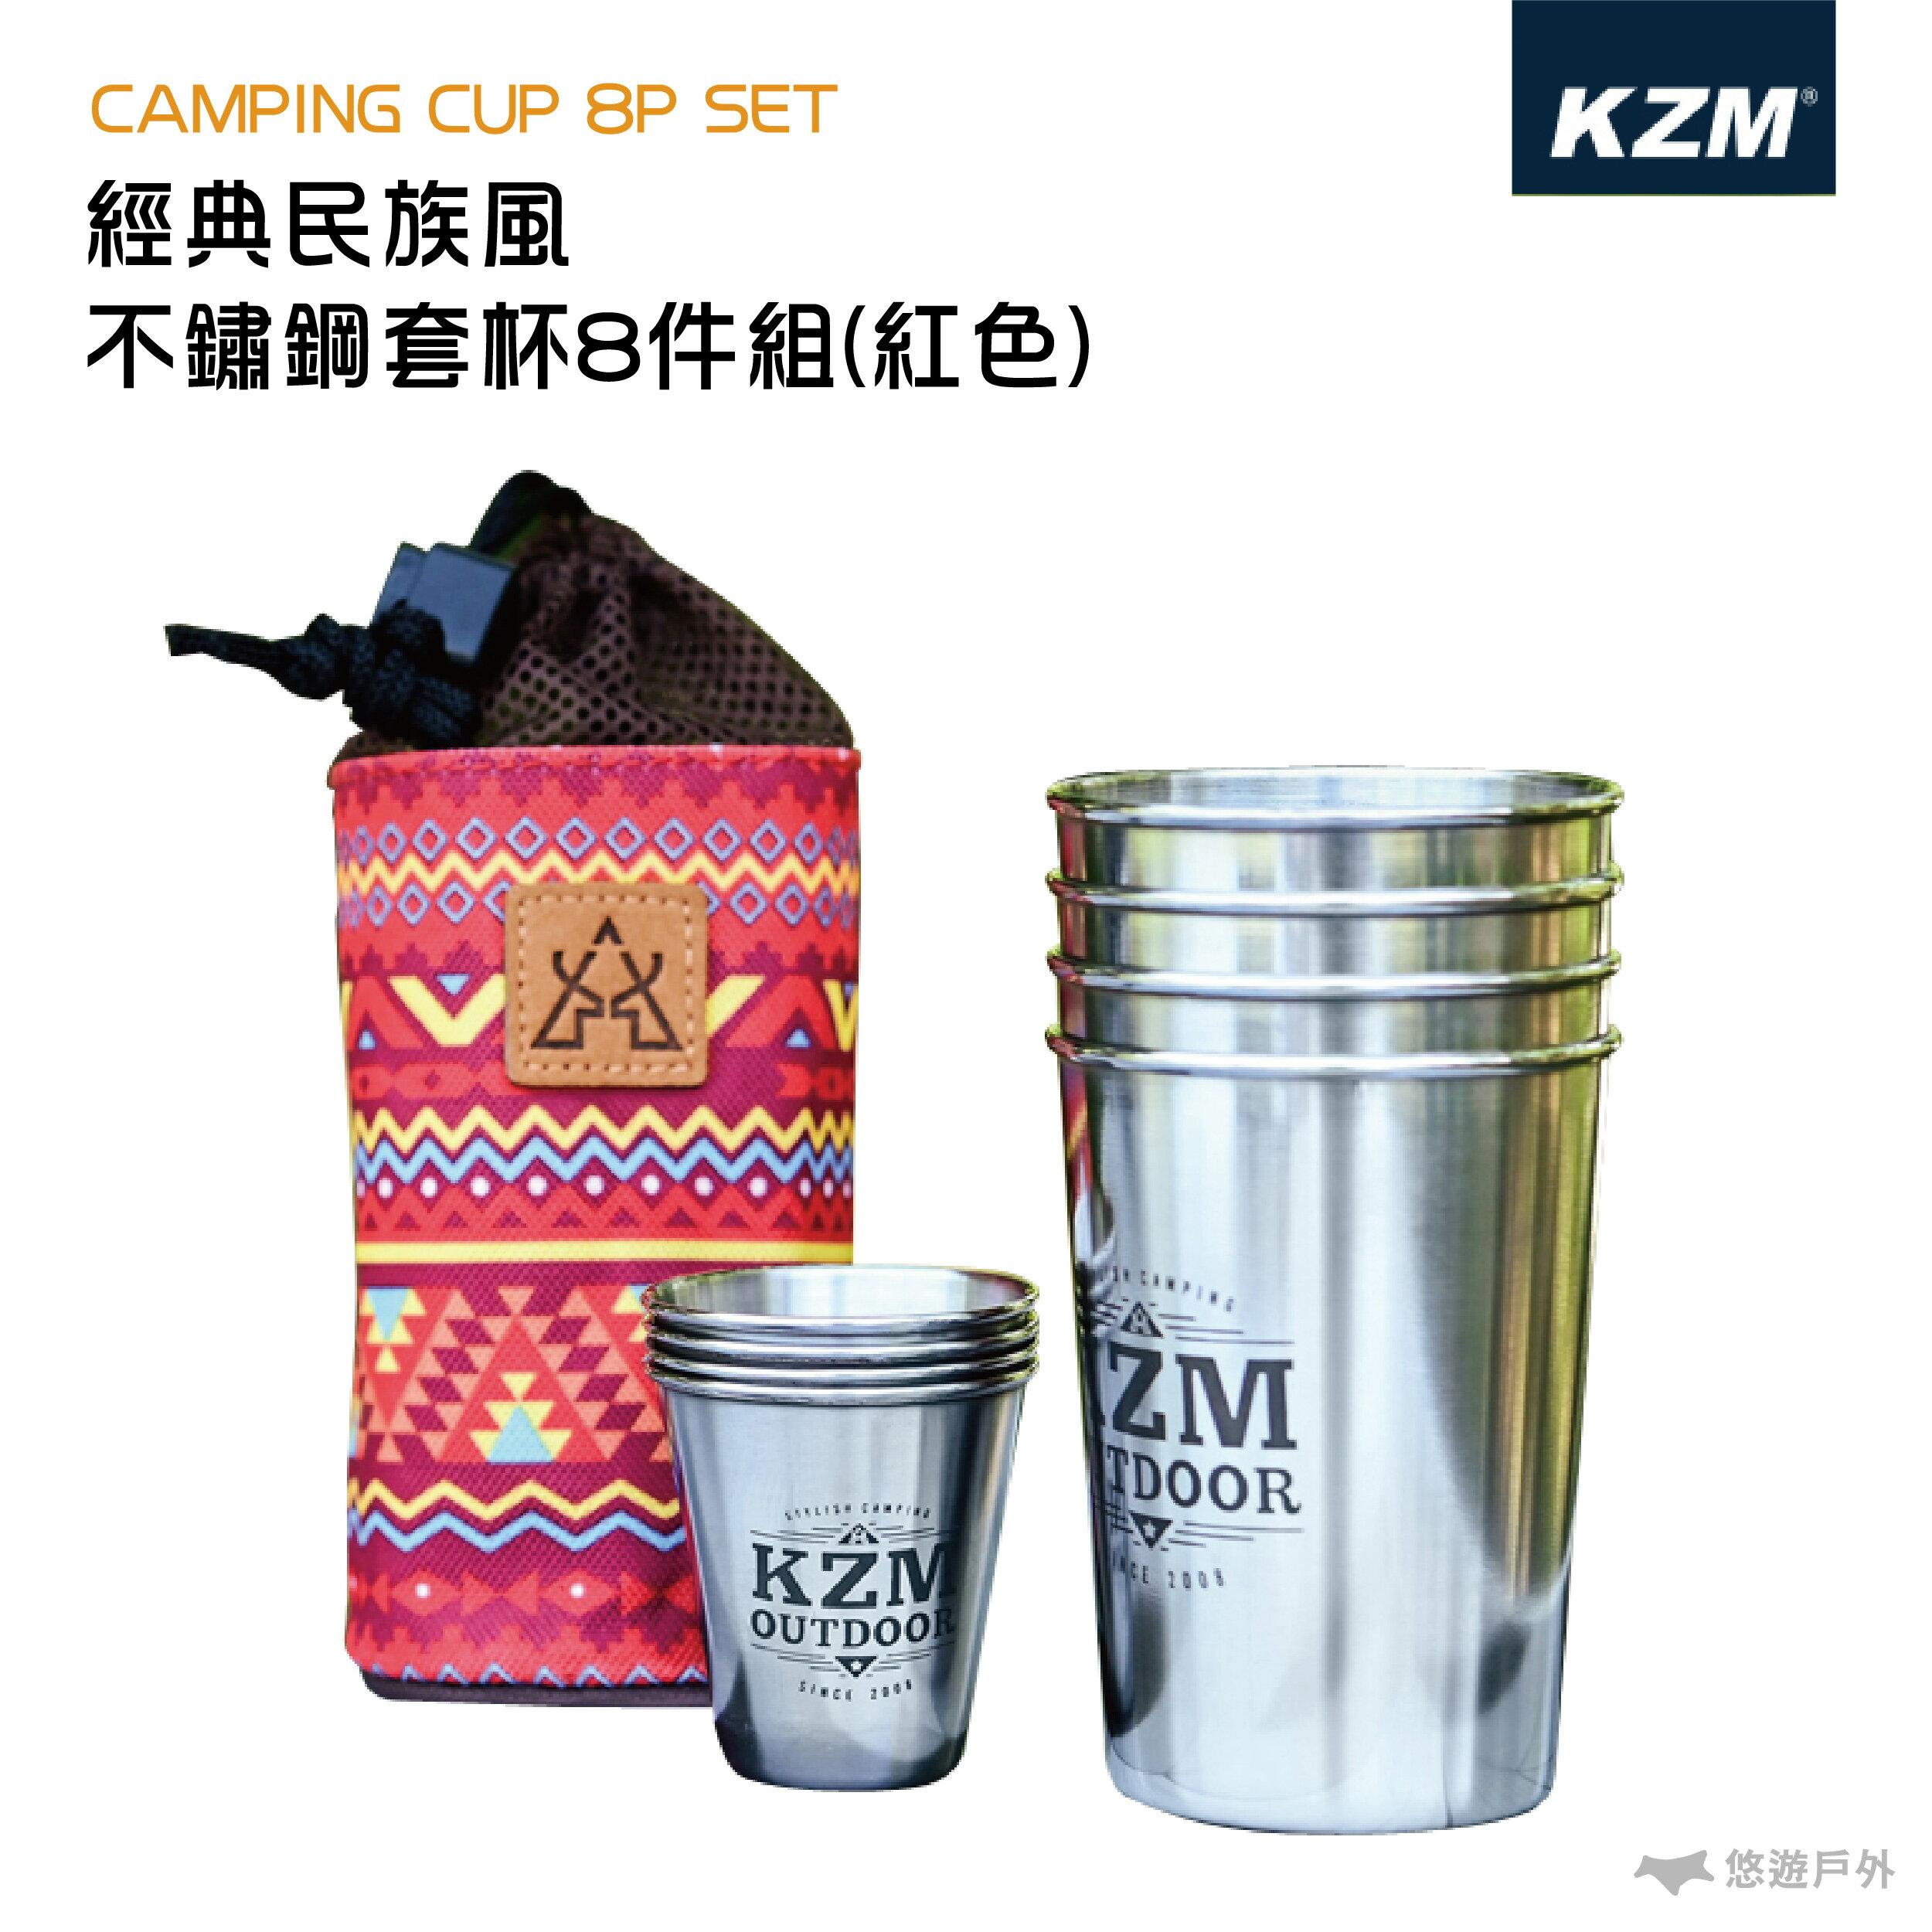 KAZMI KZM 經典民族風不鏽鋼套杯8件組(紅色)  杯子 馬克杯 露營 野餐 0